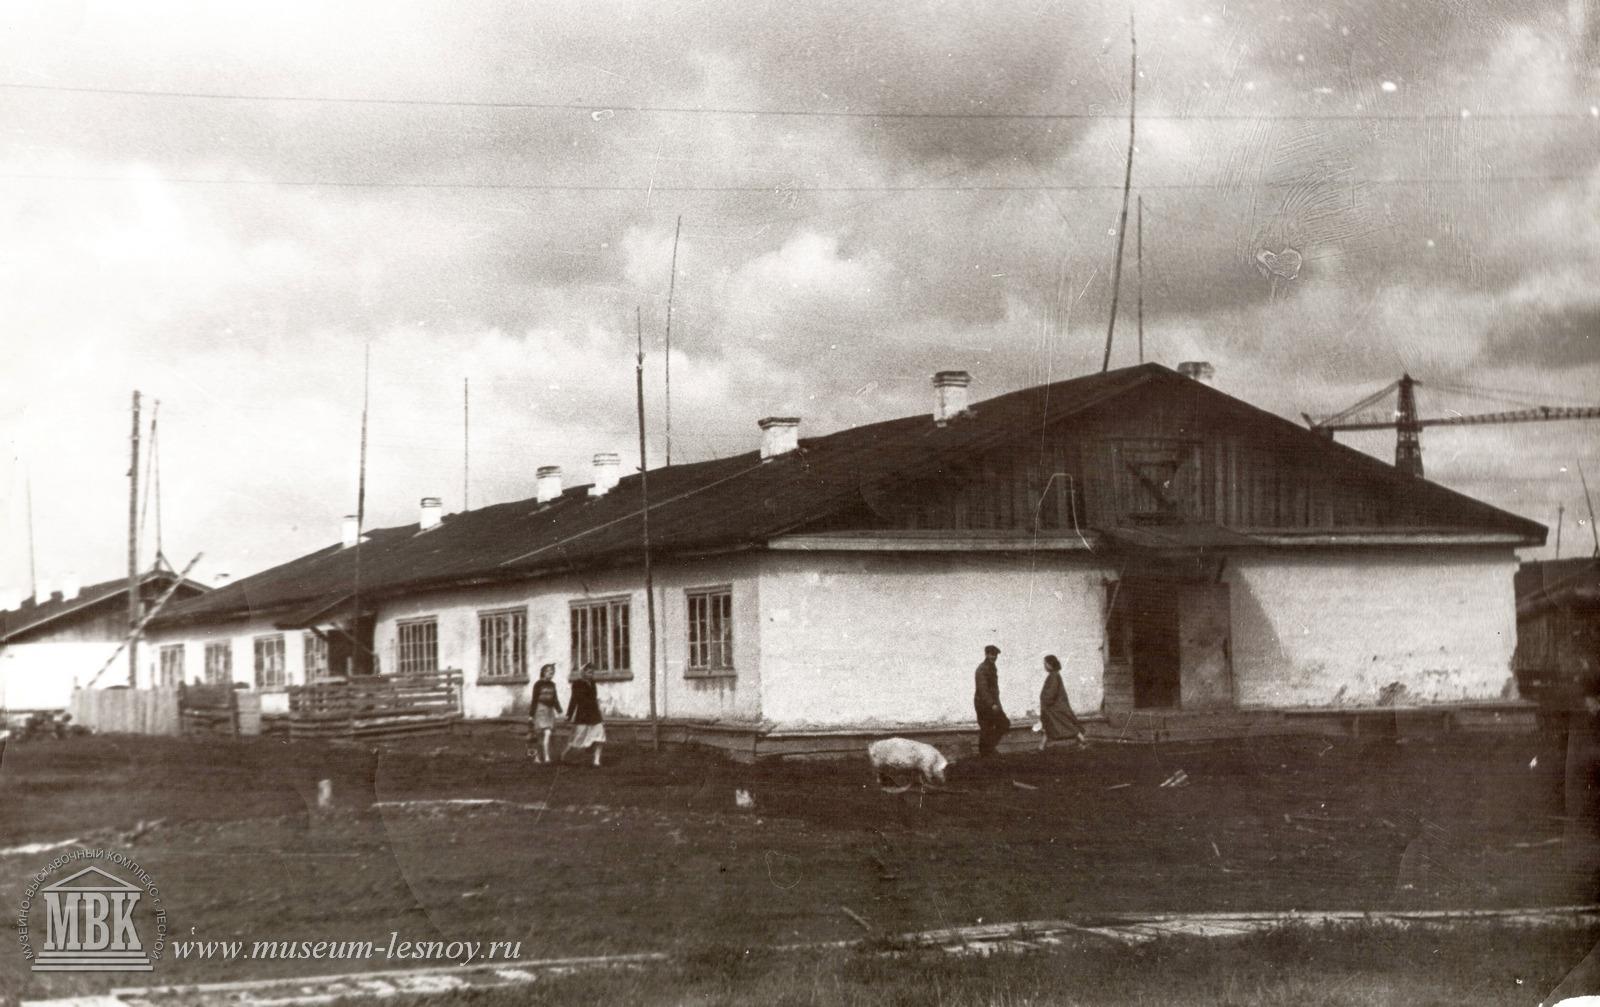 Жилище первых строителей - бараки, 1949 г.